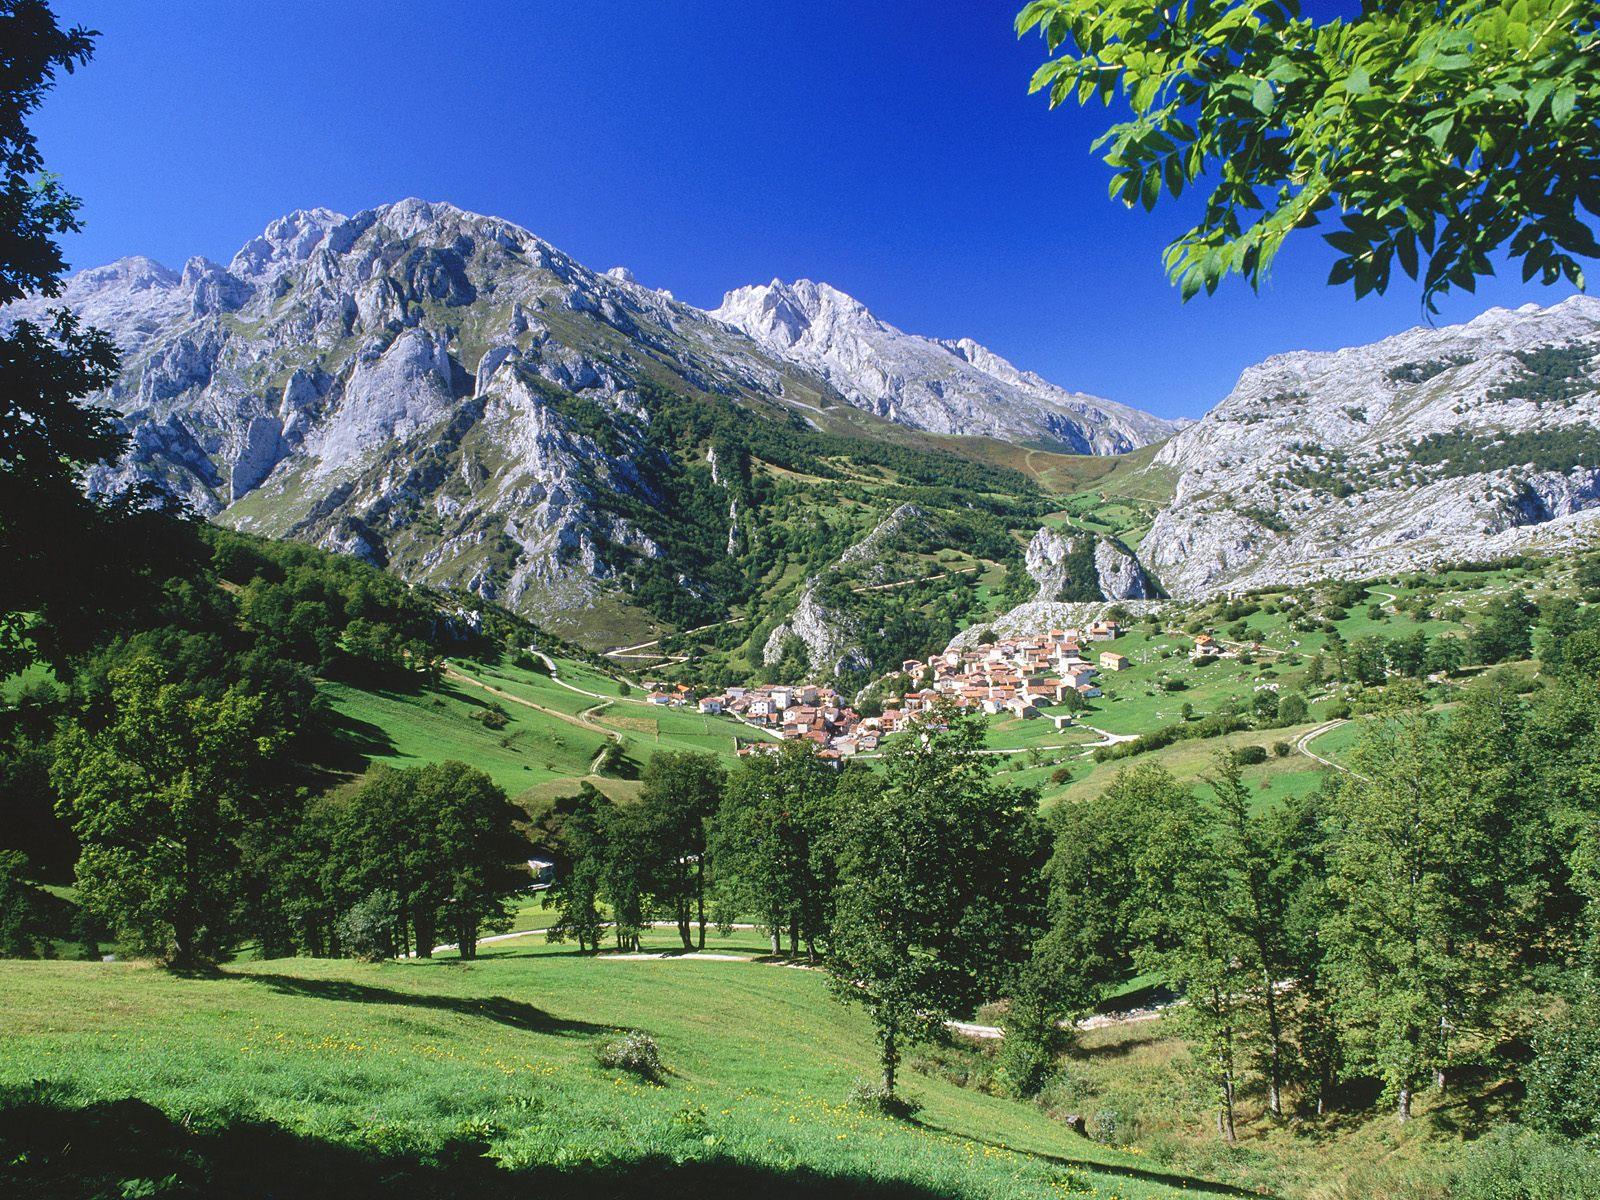 Picos de europa national park asturias spain wallpaper for Cantabria homes